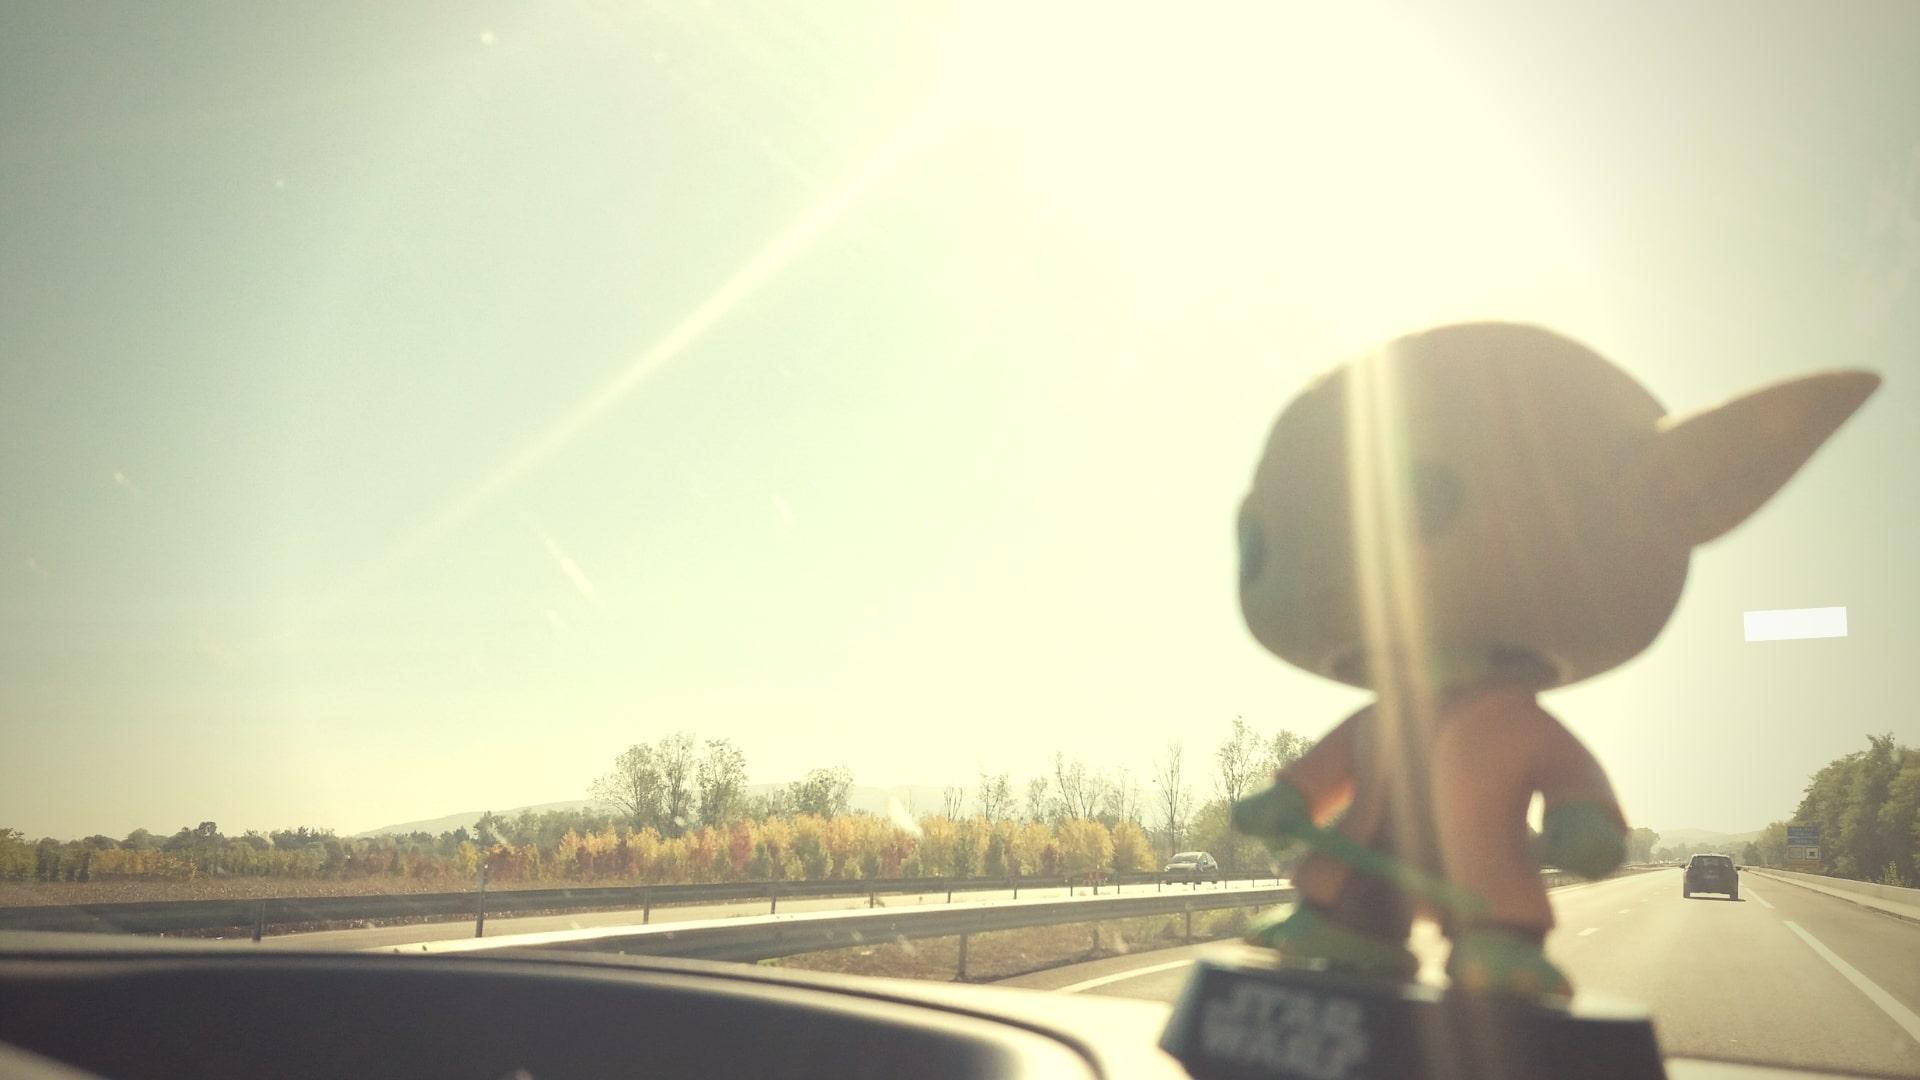 wat te doen als je uren met elkaar in de auto zit?